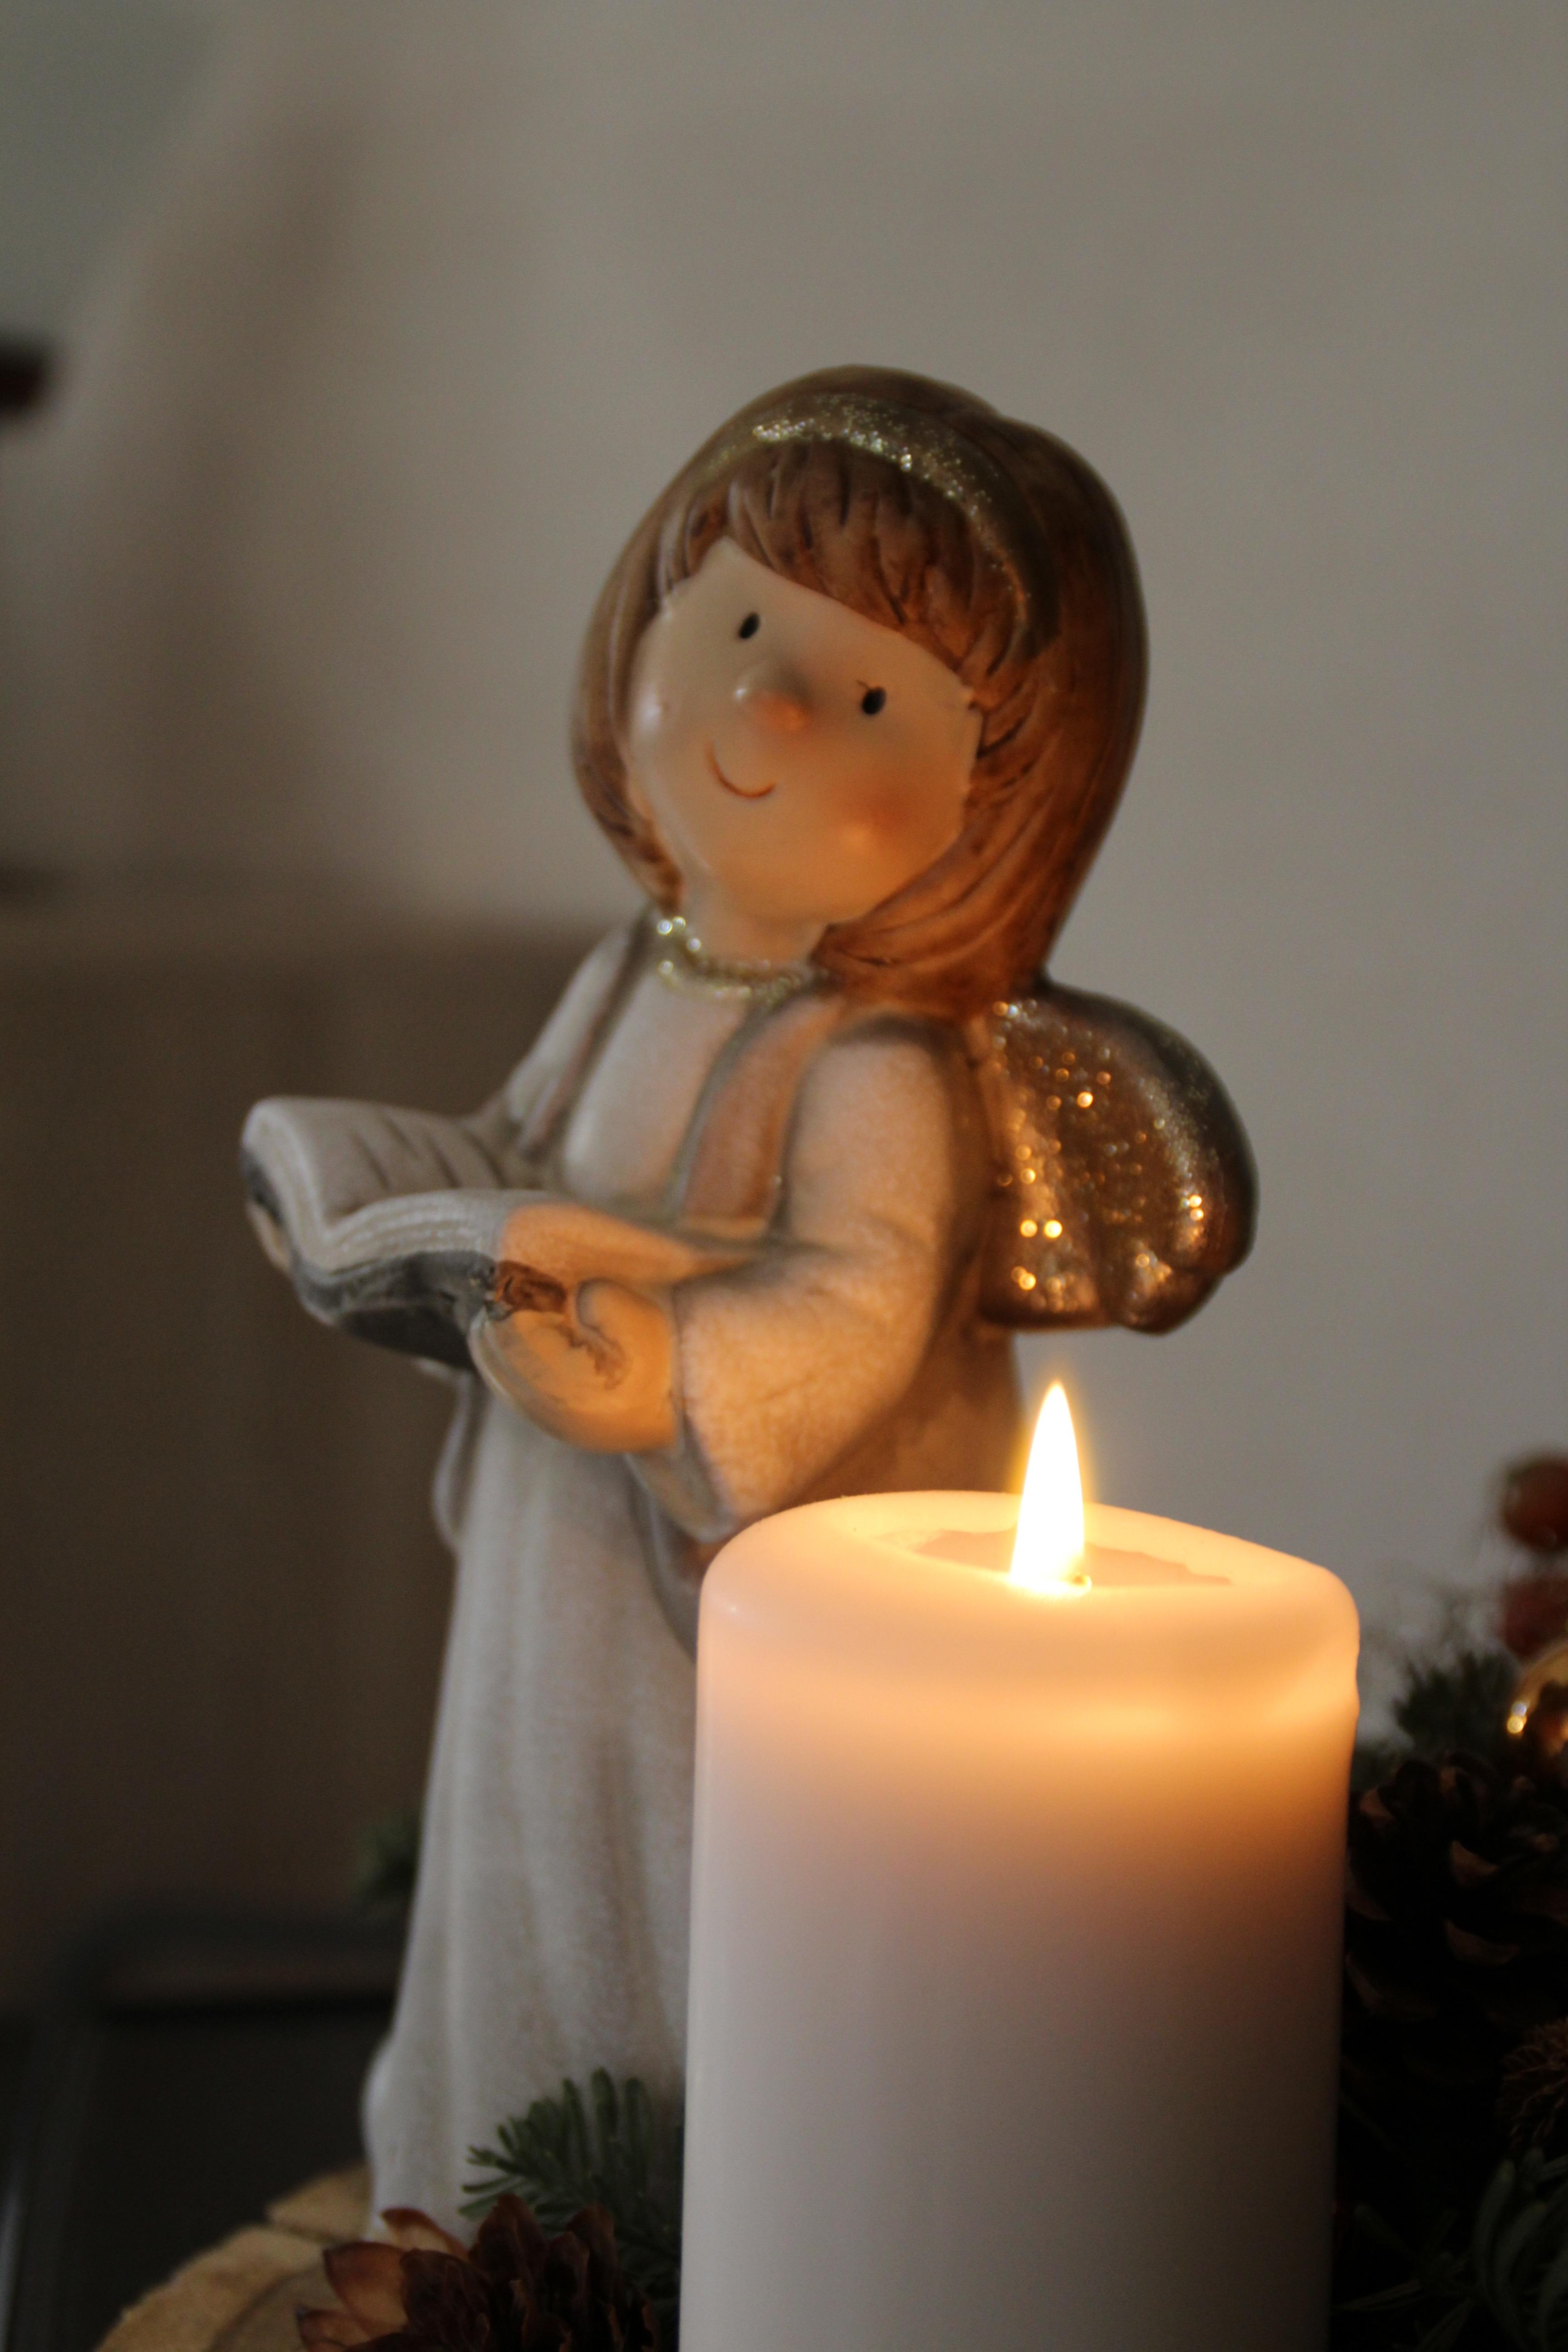 мода свечи с ангелами картинки второго мультиплекса